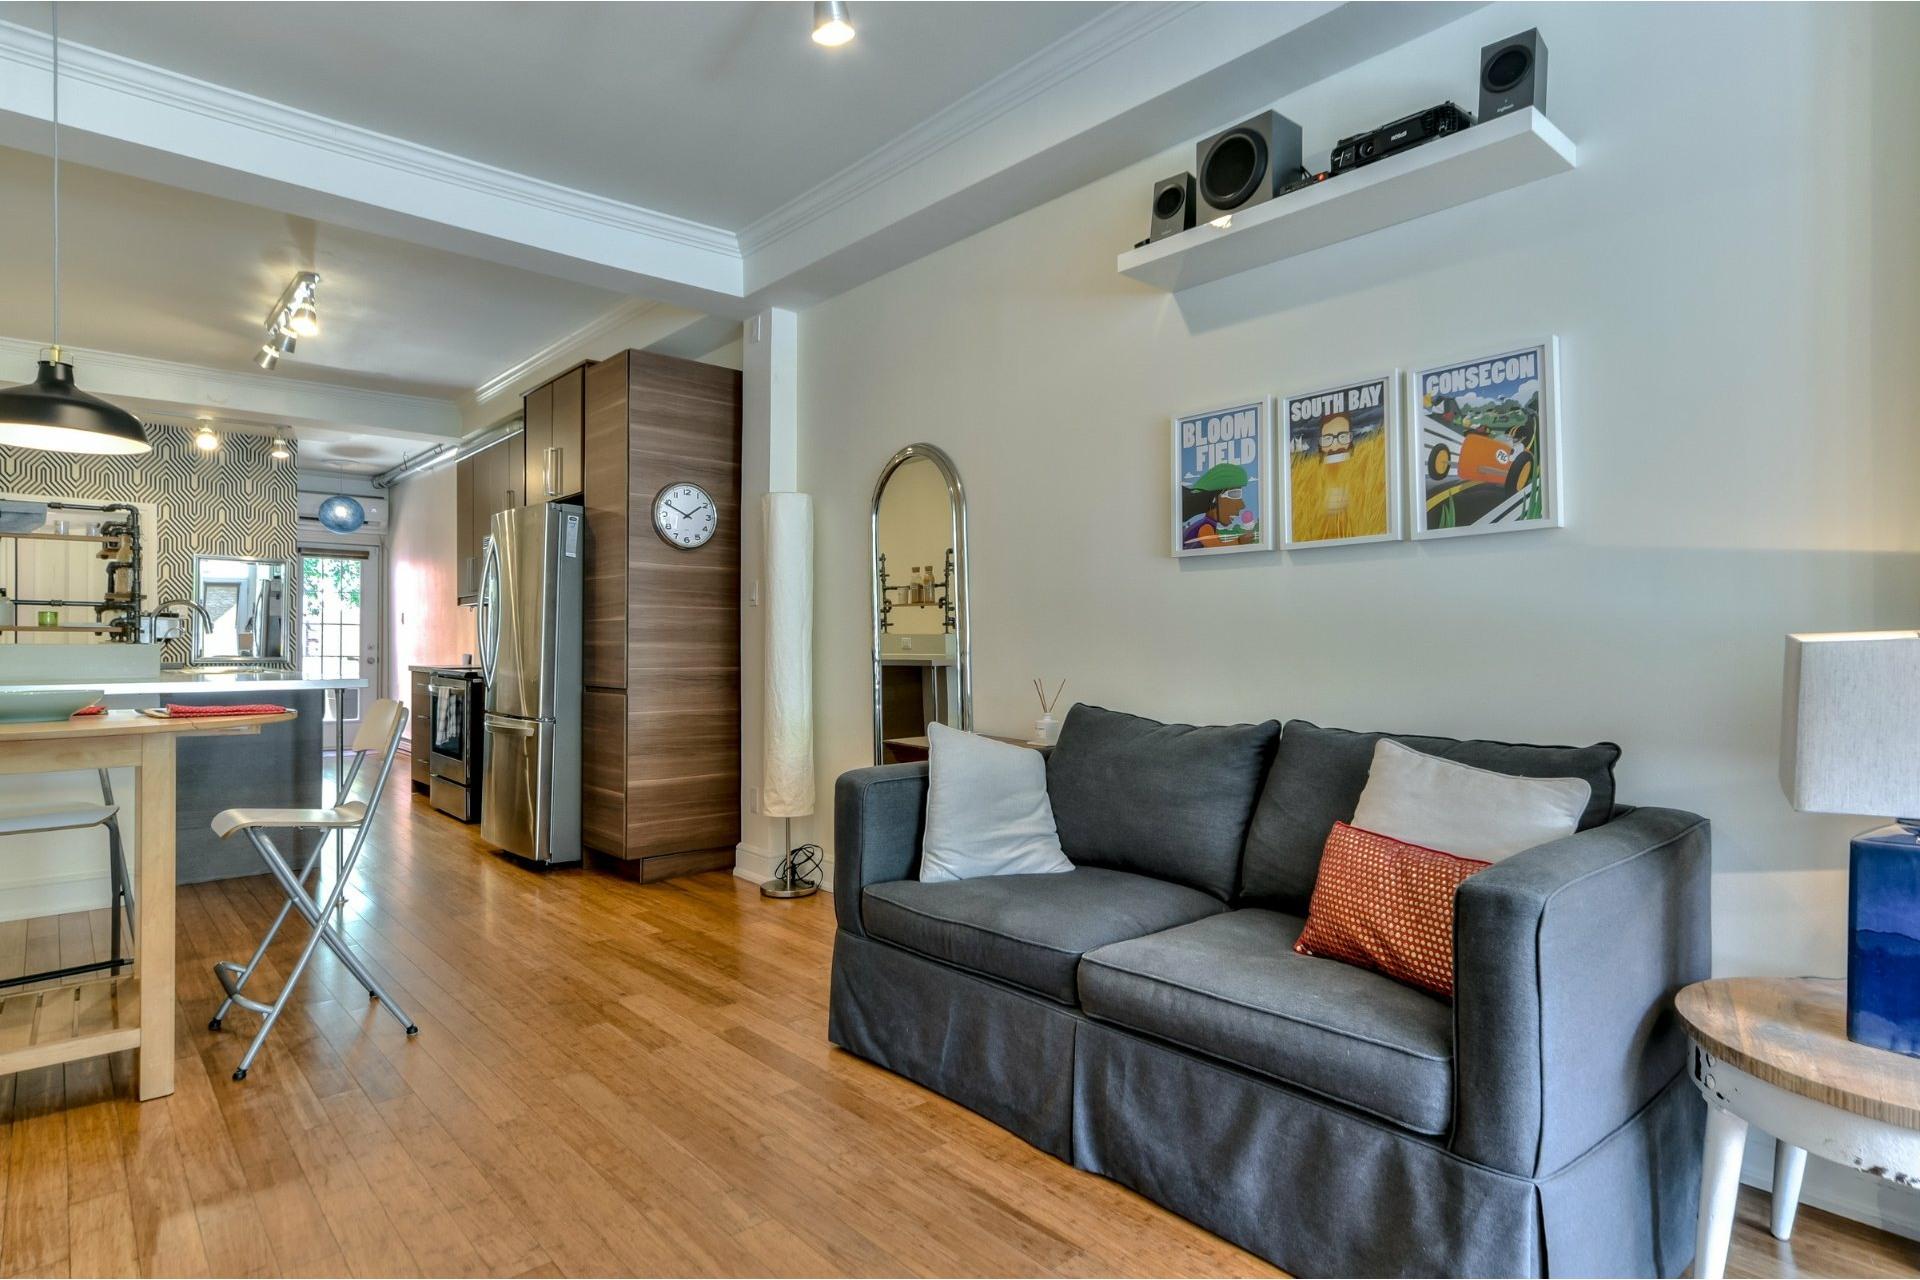 image 8 - Apartment For sale Le Plateau-Mont-Royal Montréal  - 5 rooms